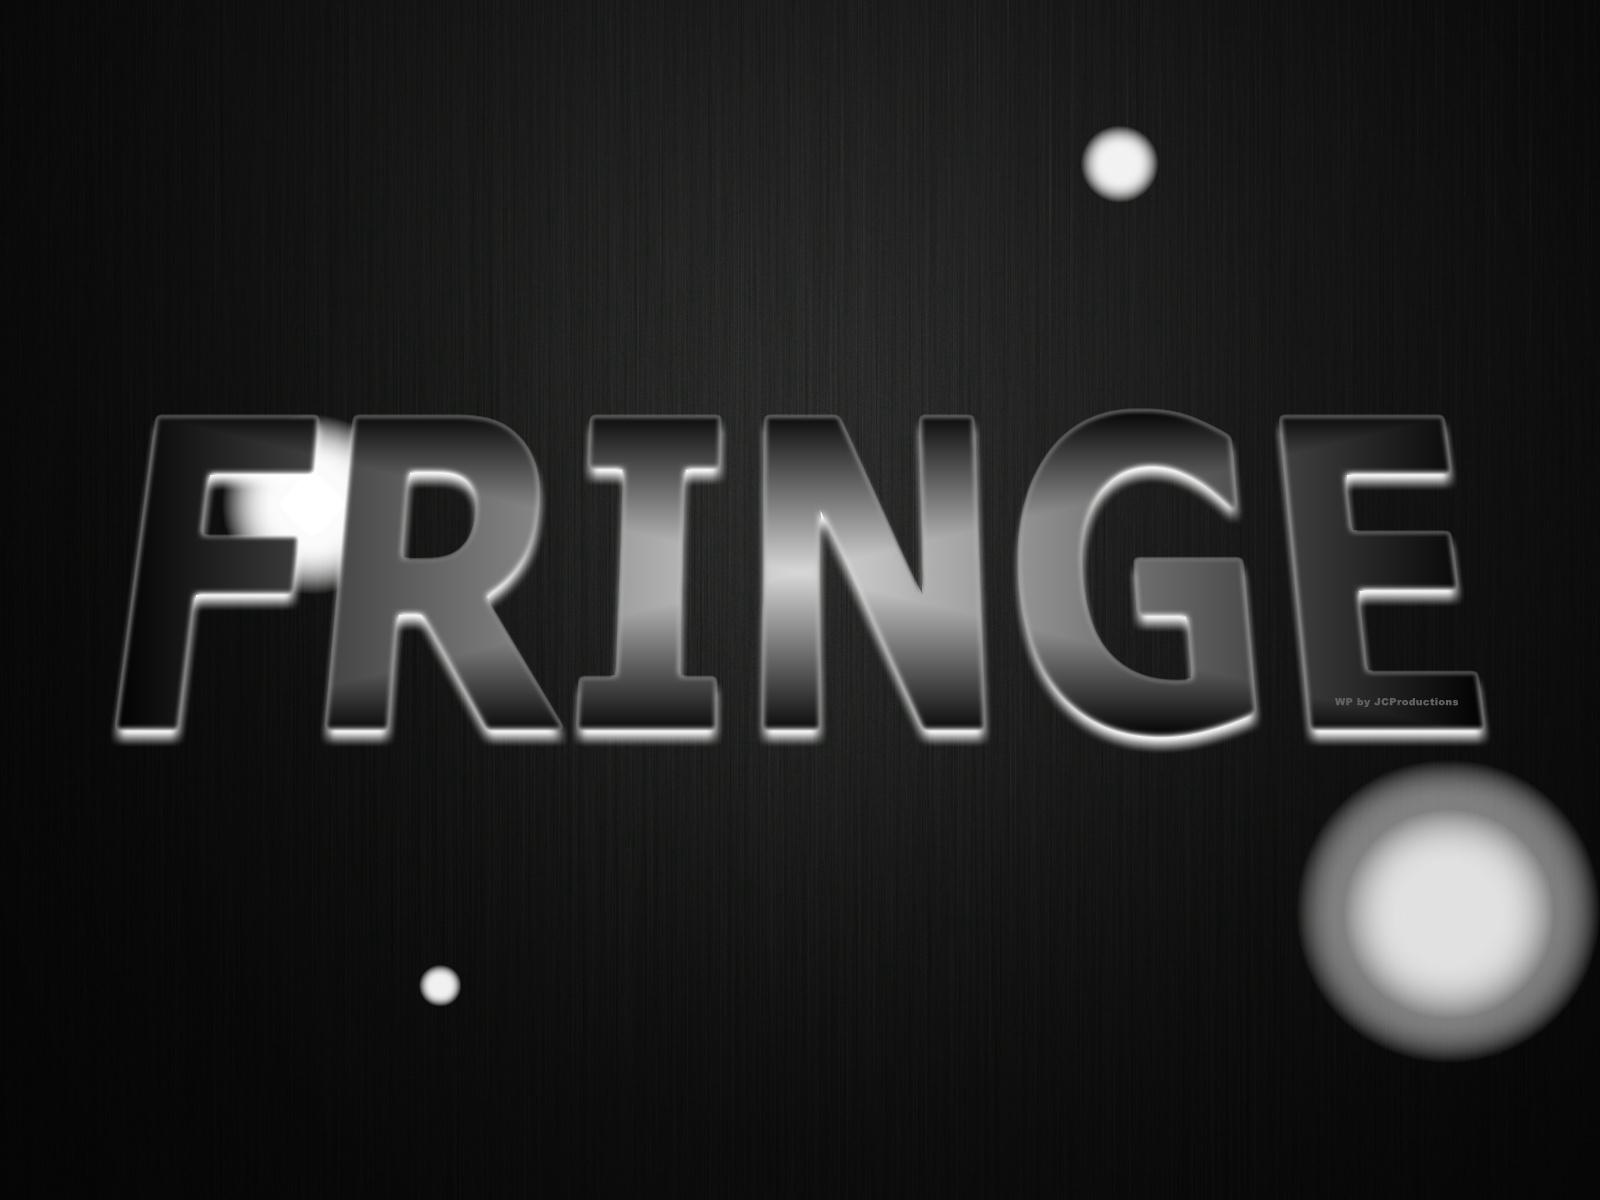 Download full size fringe, anna torv, fringe wallpapers, olivia dunham, weird science, peter bishop, dunham, agent Fringe wallpaper / 1600x1200